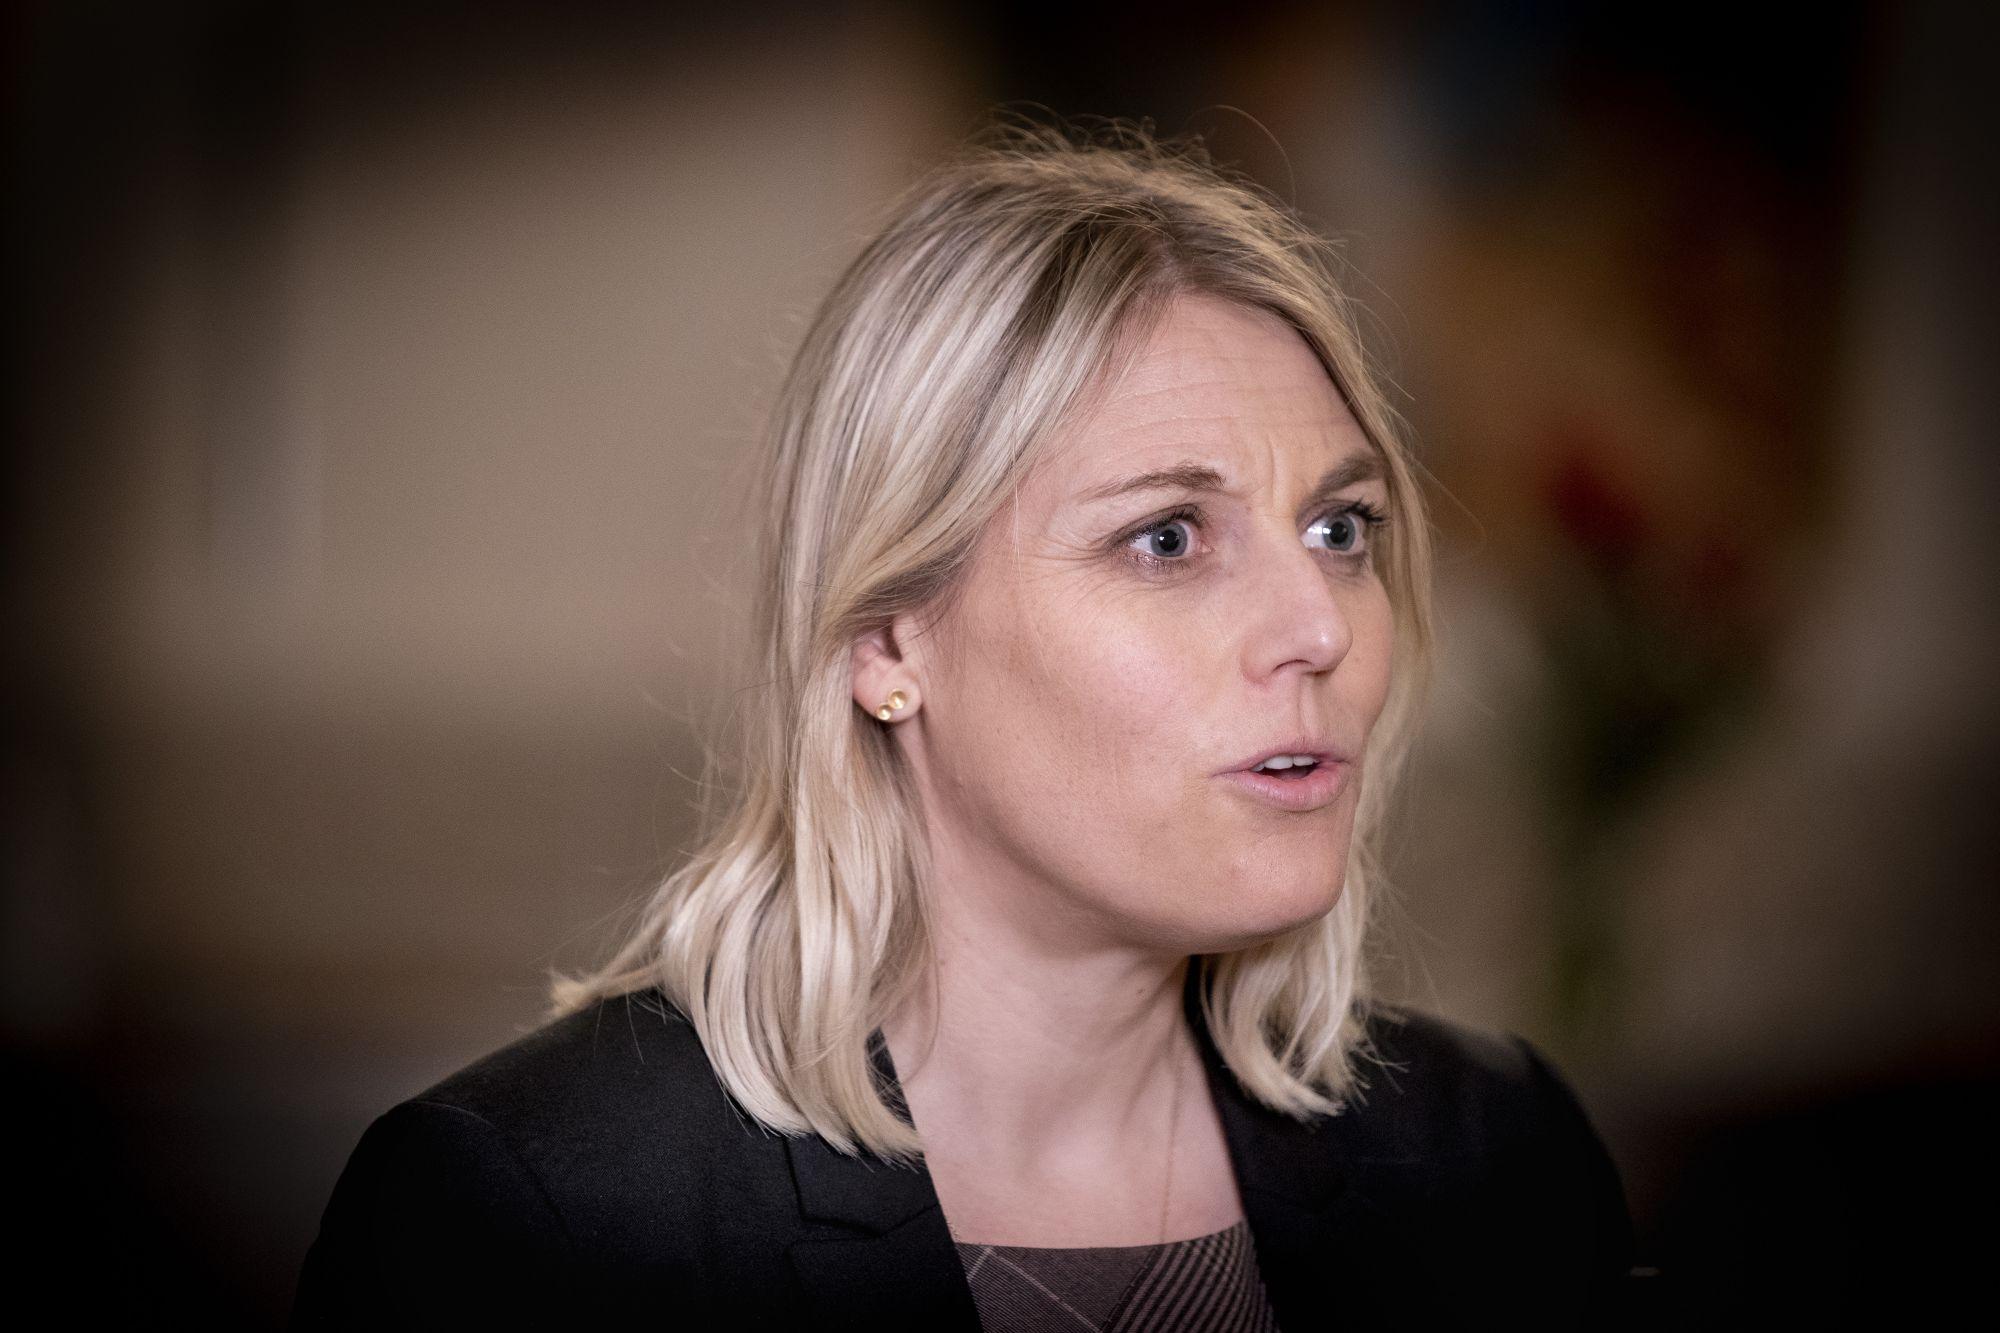 Trine Bramsen langede ud efter TV 2 – hendes eget ministerium havde begået fejlen